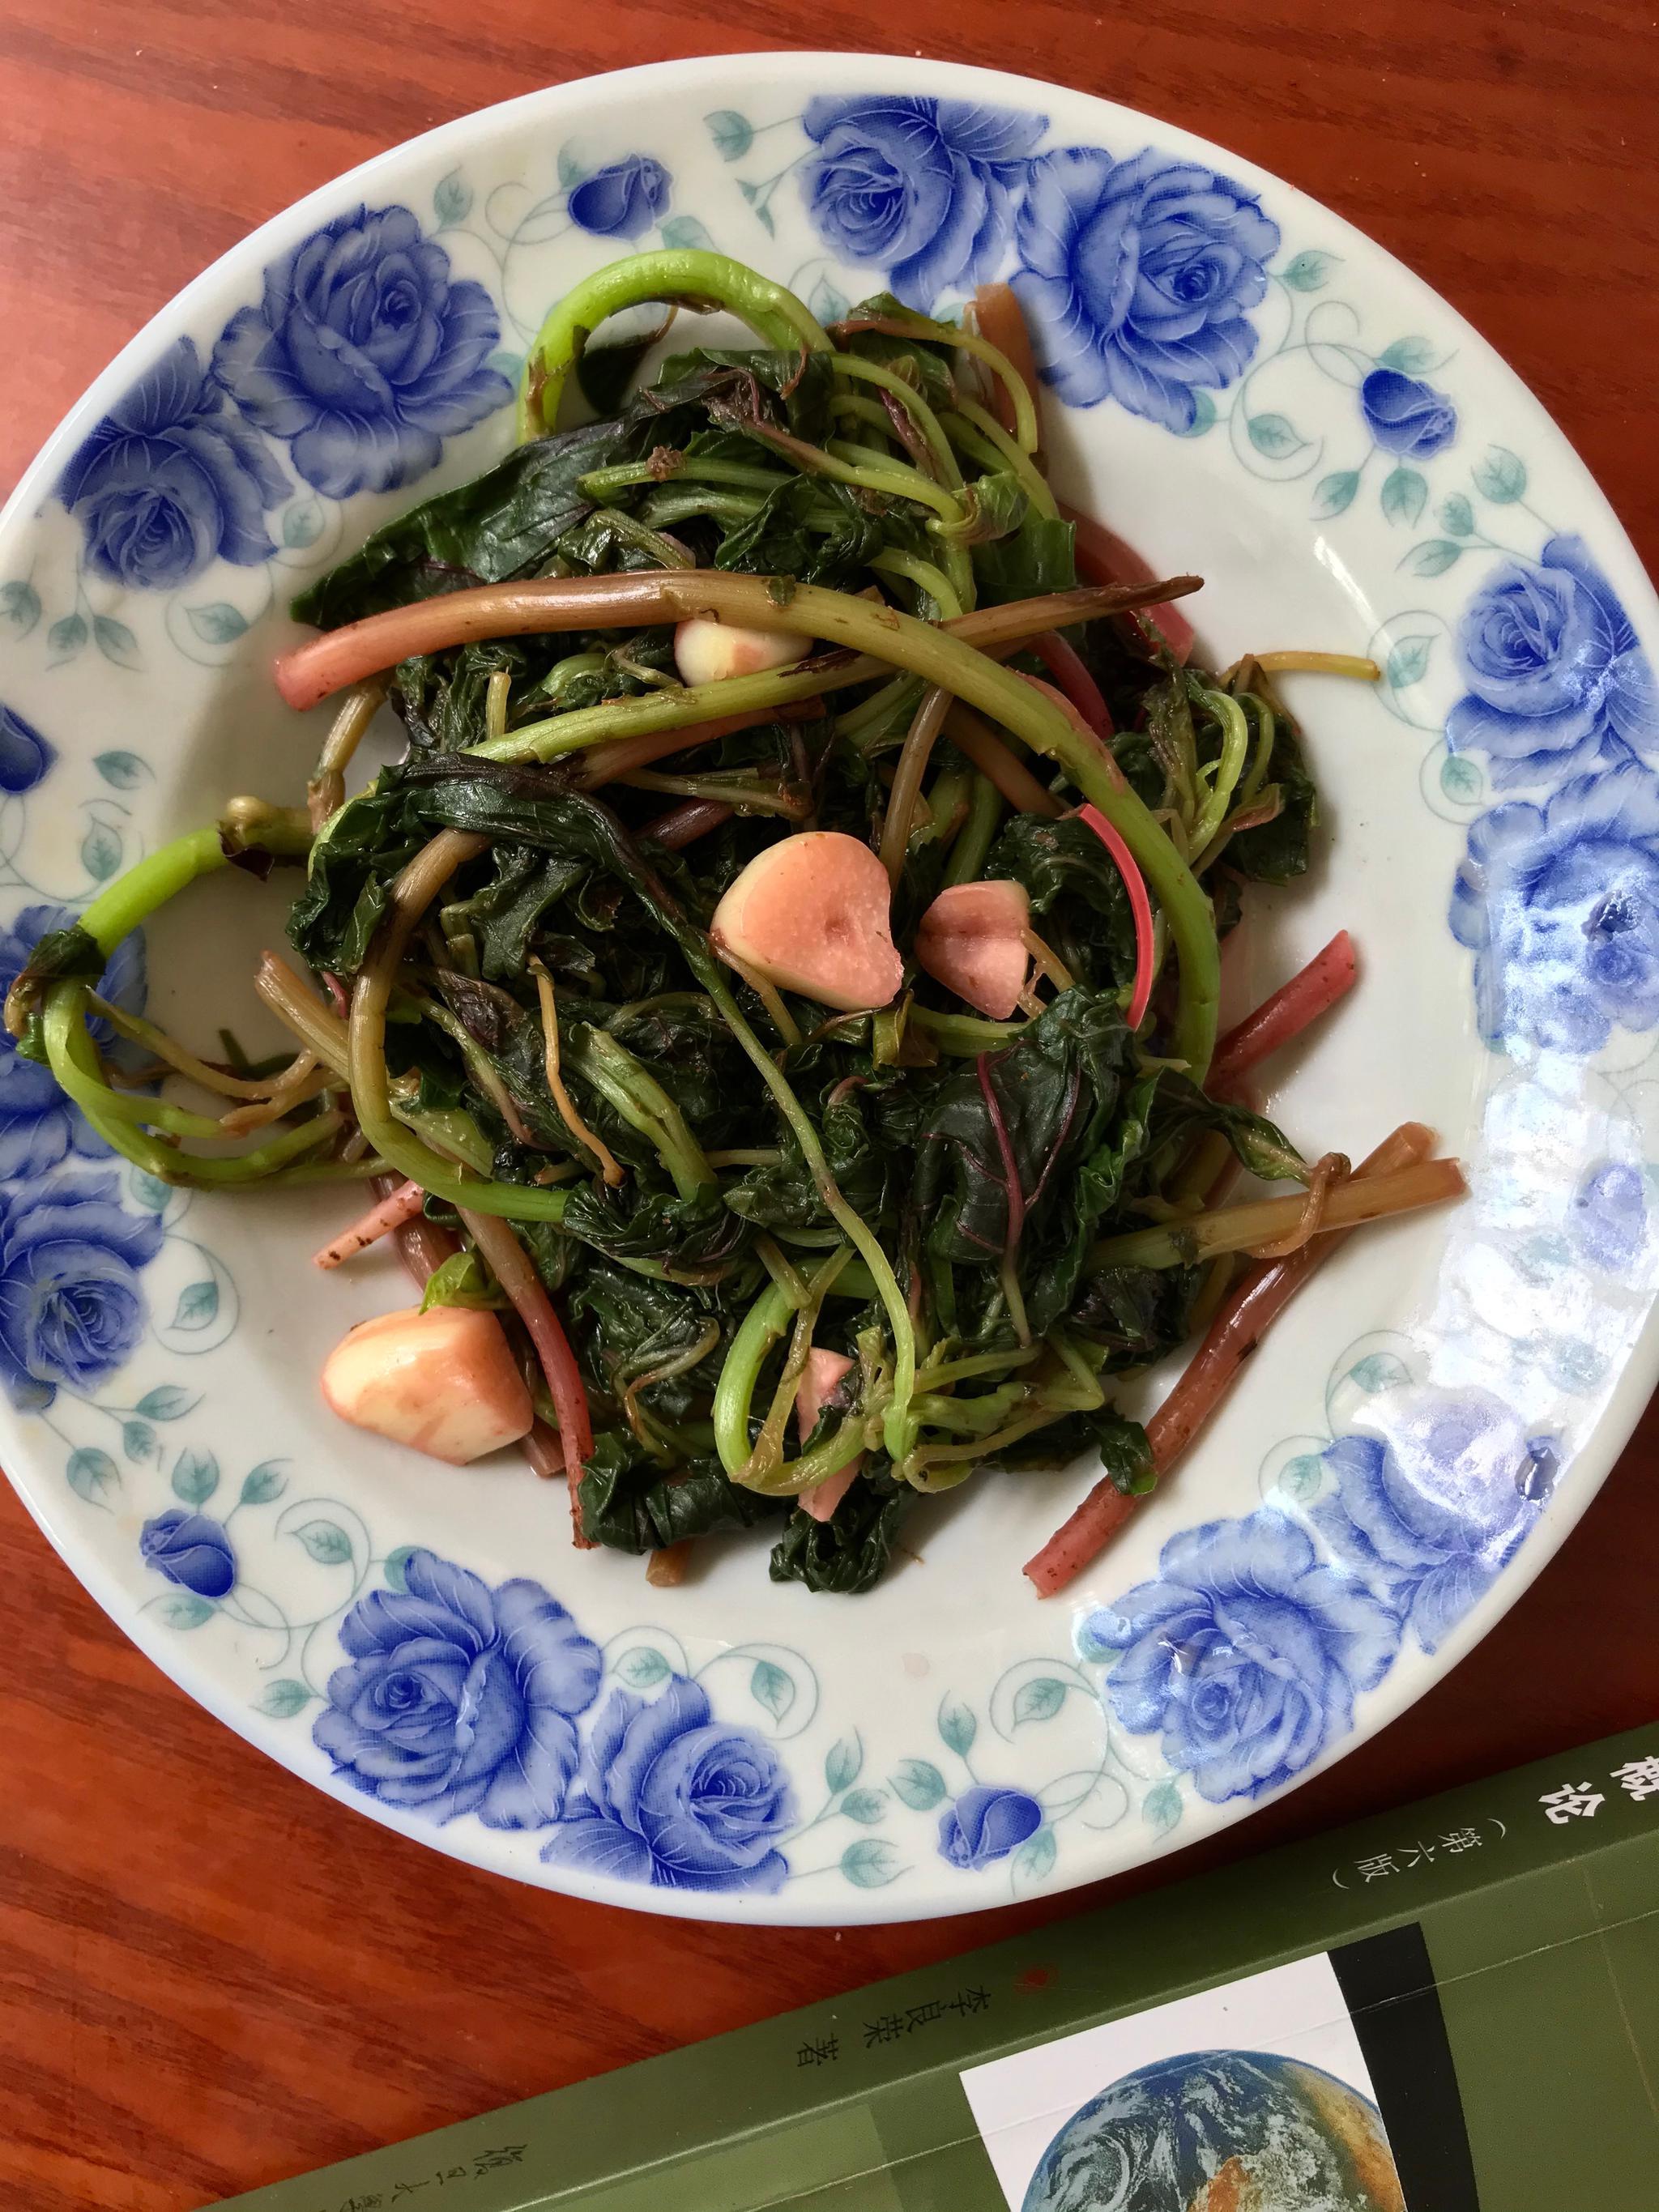 在家里发现一个好看的盘子红嘴绿鹦哥脆脆皮考肠安排